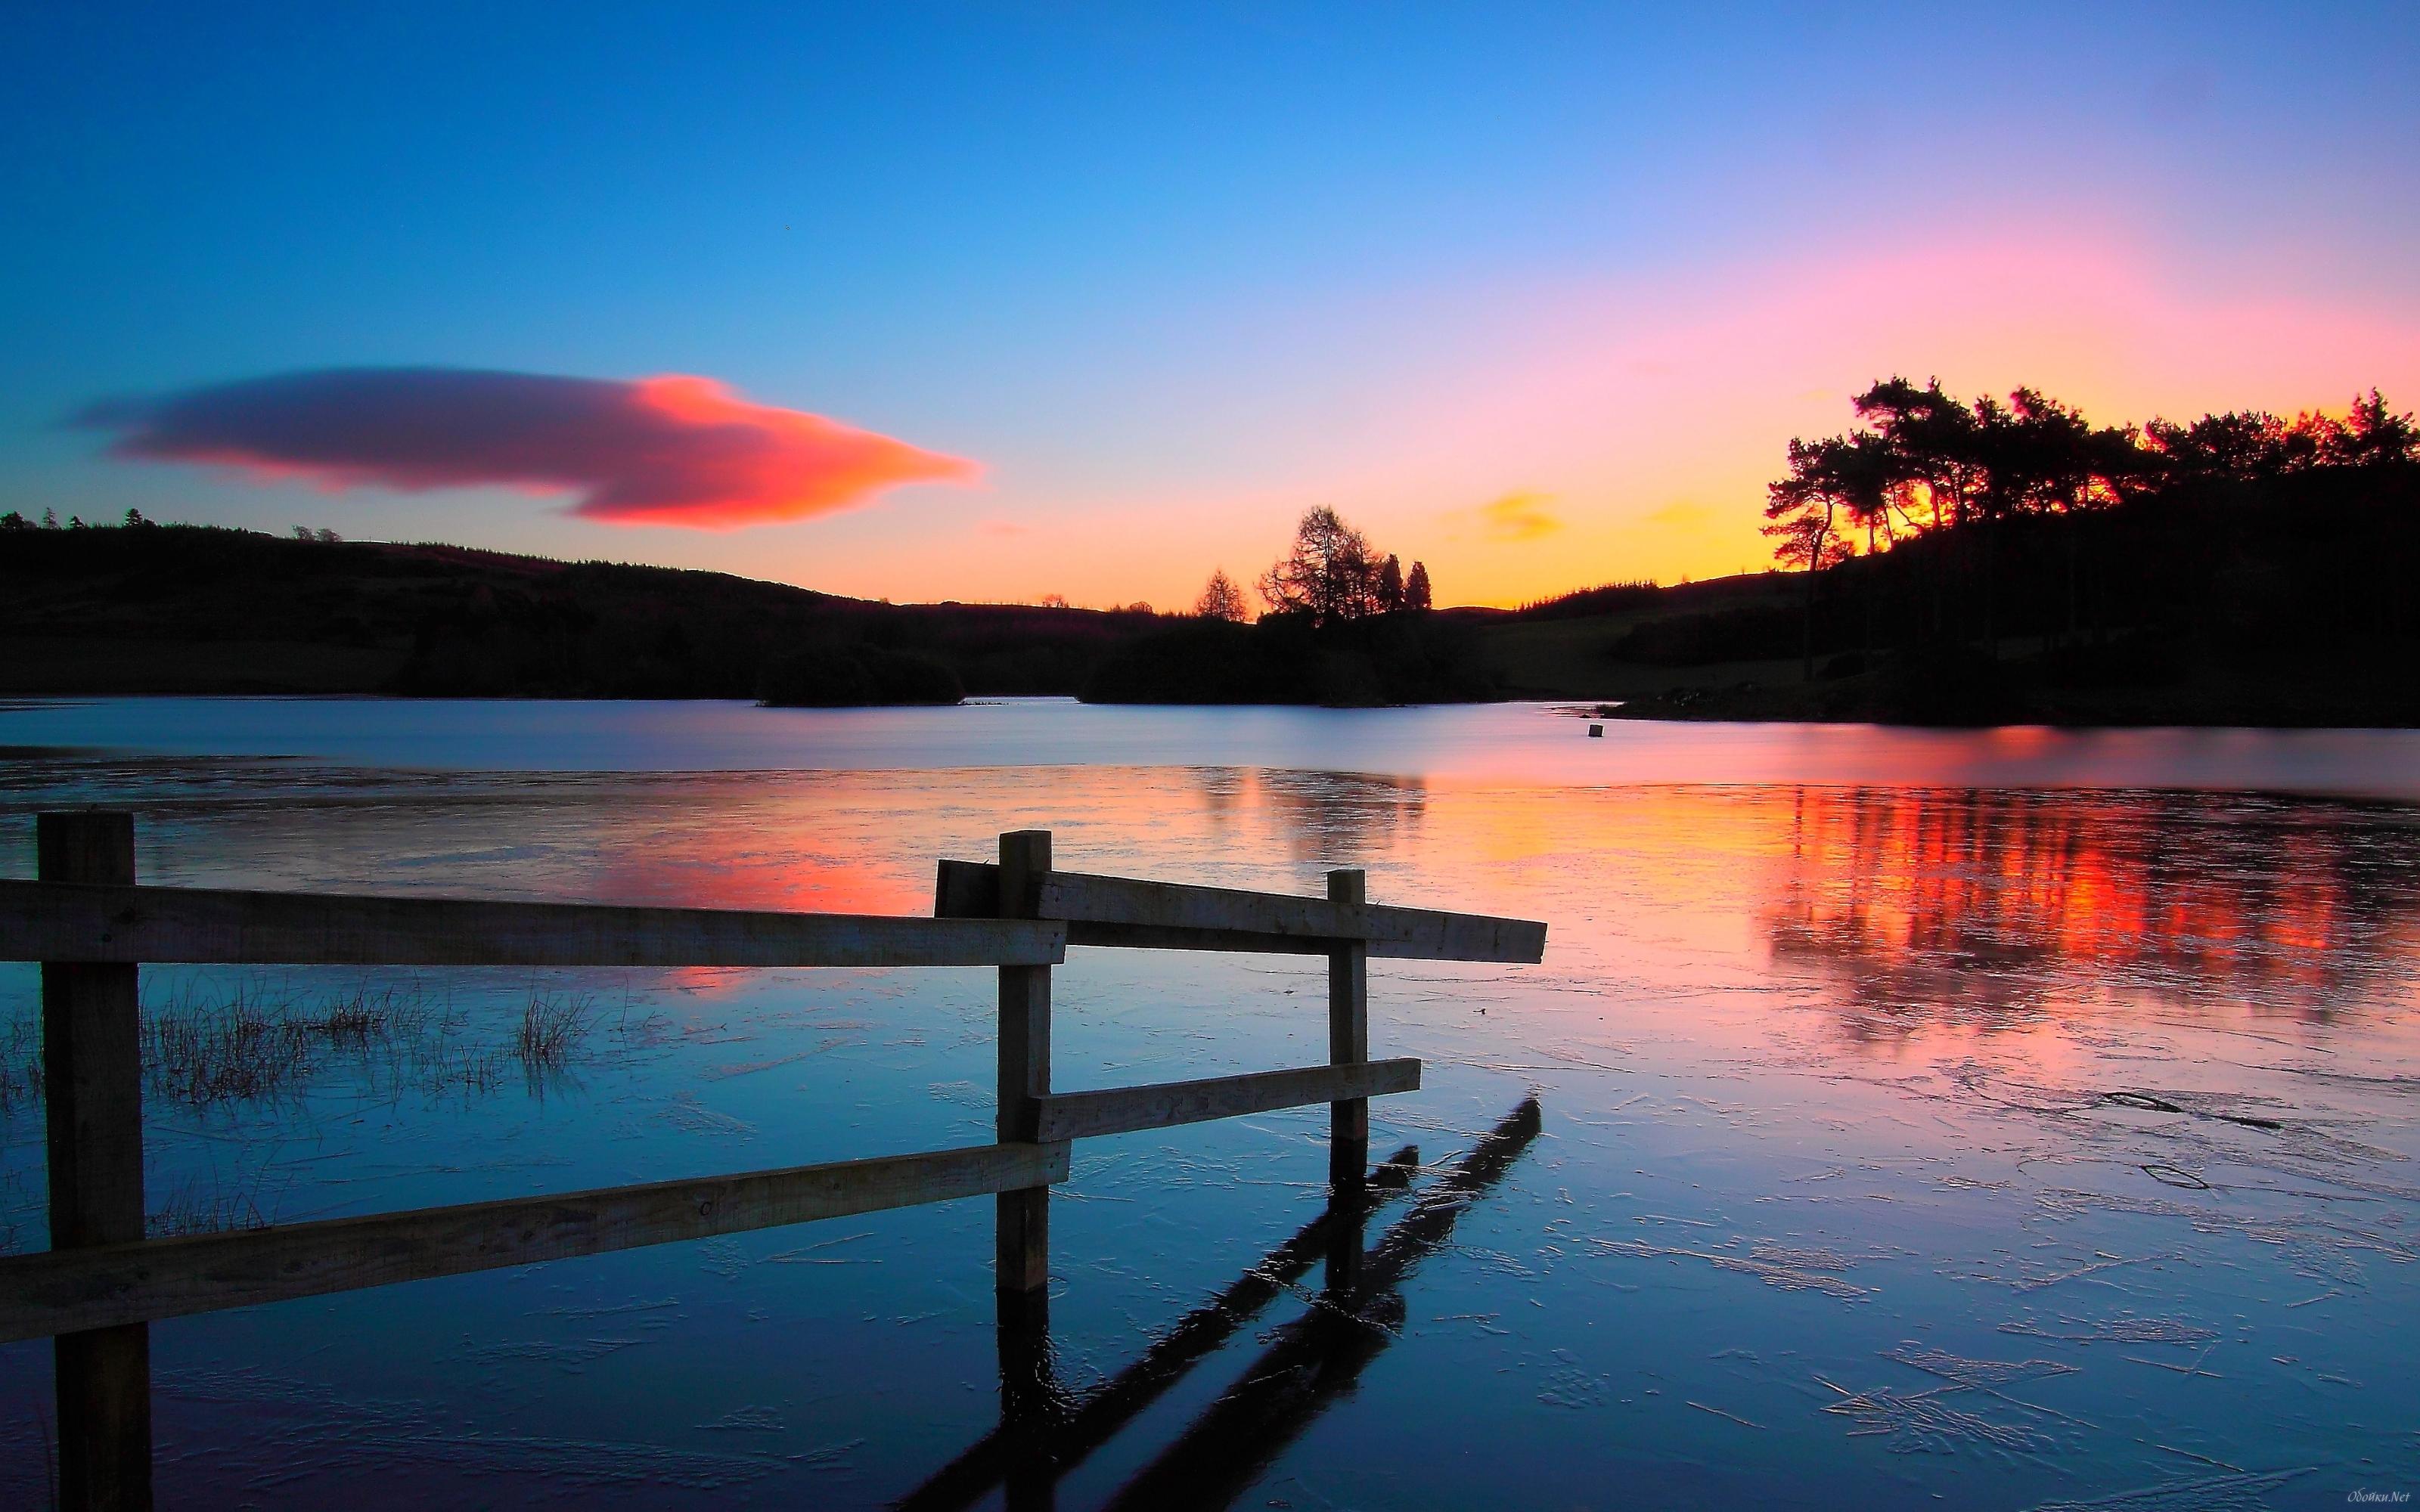 Beautiful evening sunset HD Desktop Wallpaper HD Desktop Wallpaper 3200x2000